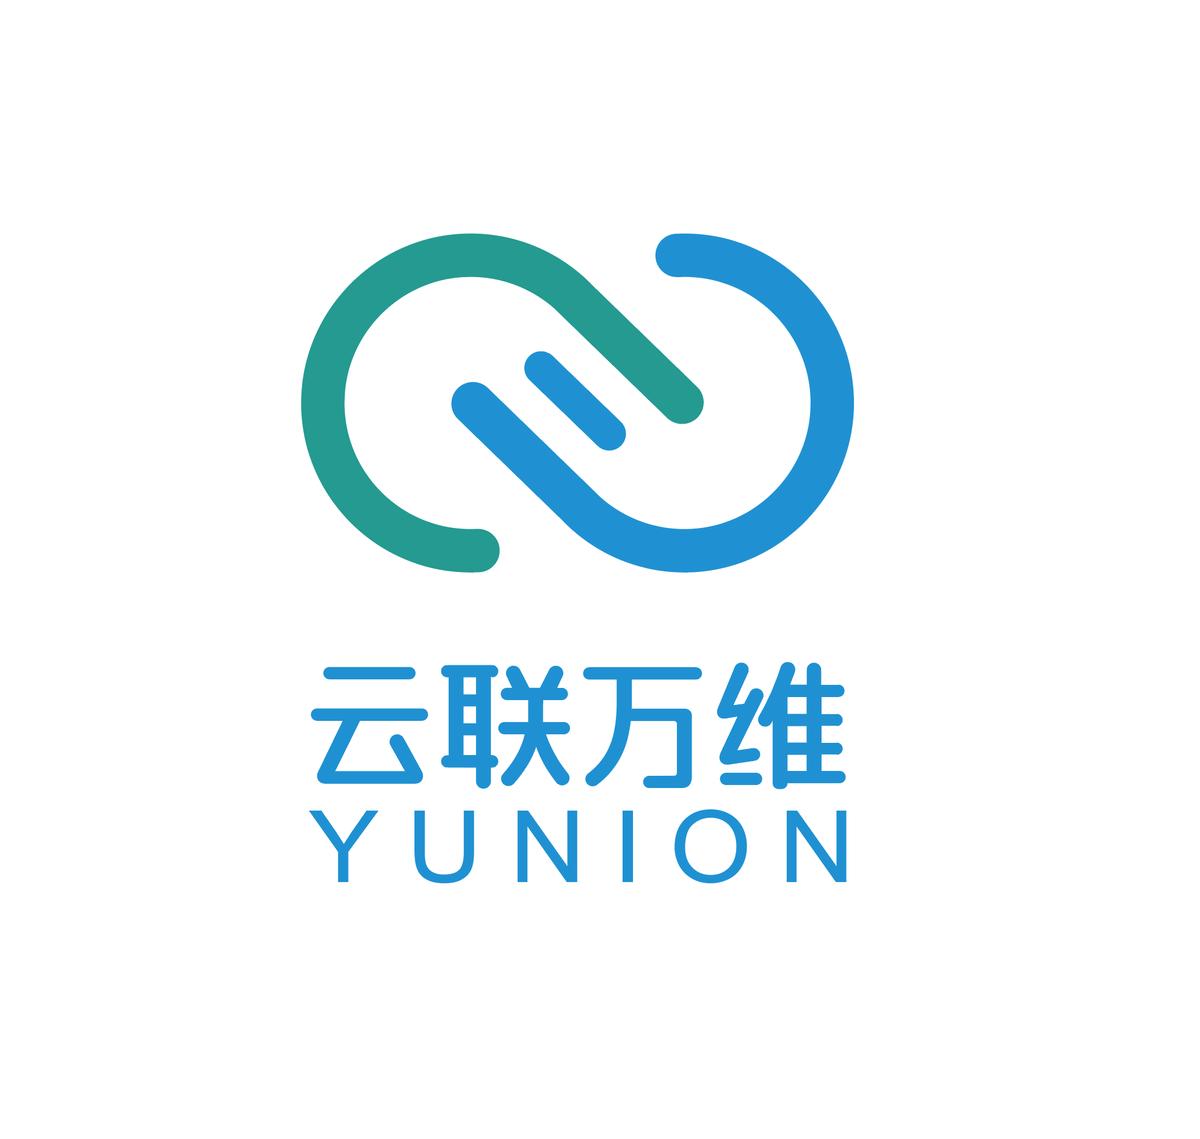 北京云联万维技术有限公司